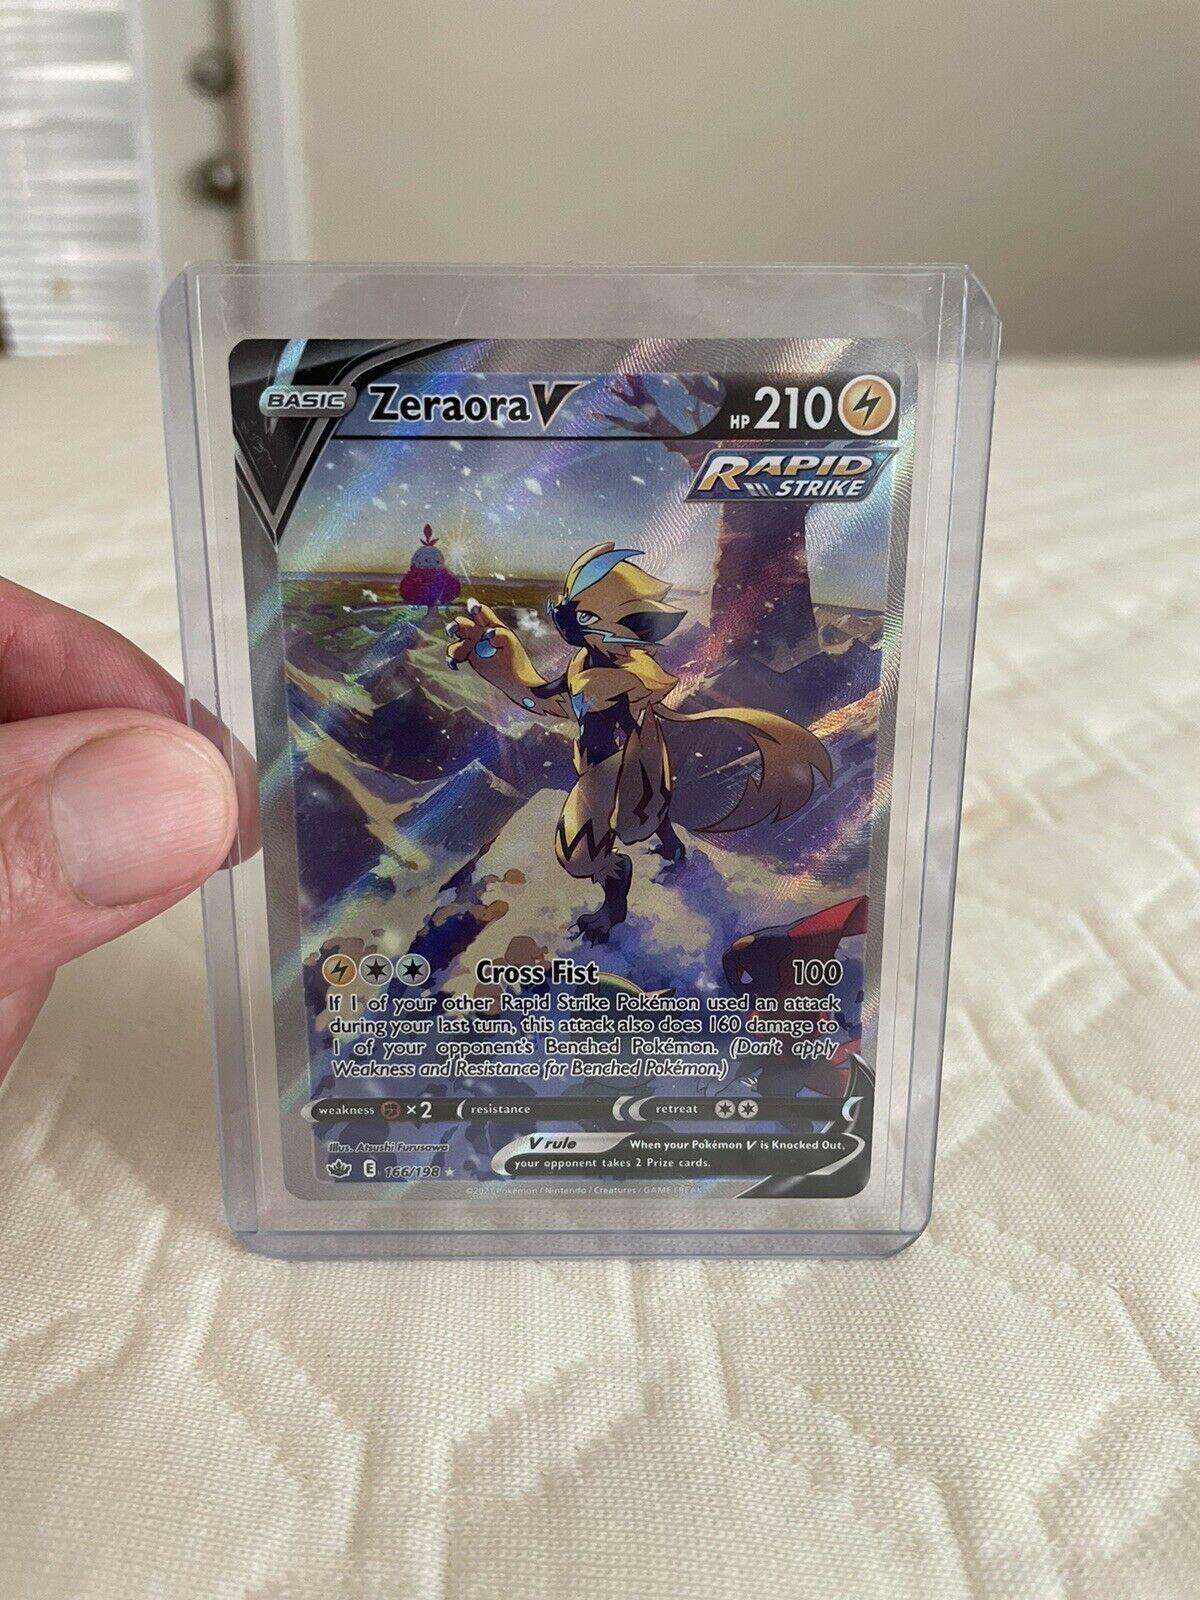 Pokemon TCG Chilling Reign Zeraora V(Alternate Full Art) Ultra Rare Mint 166/198